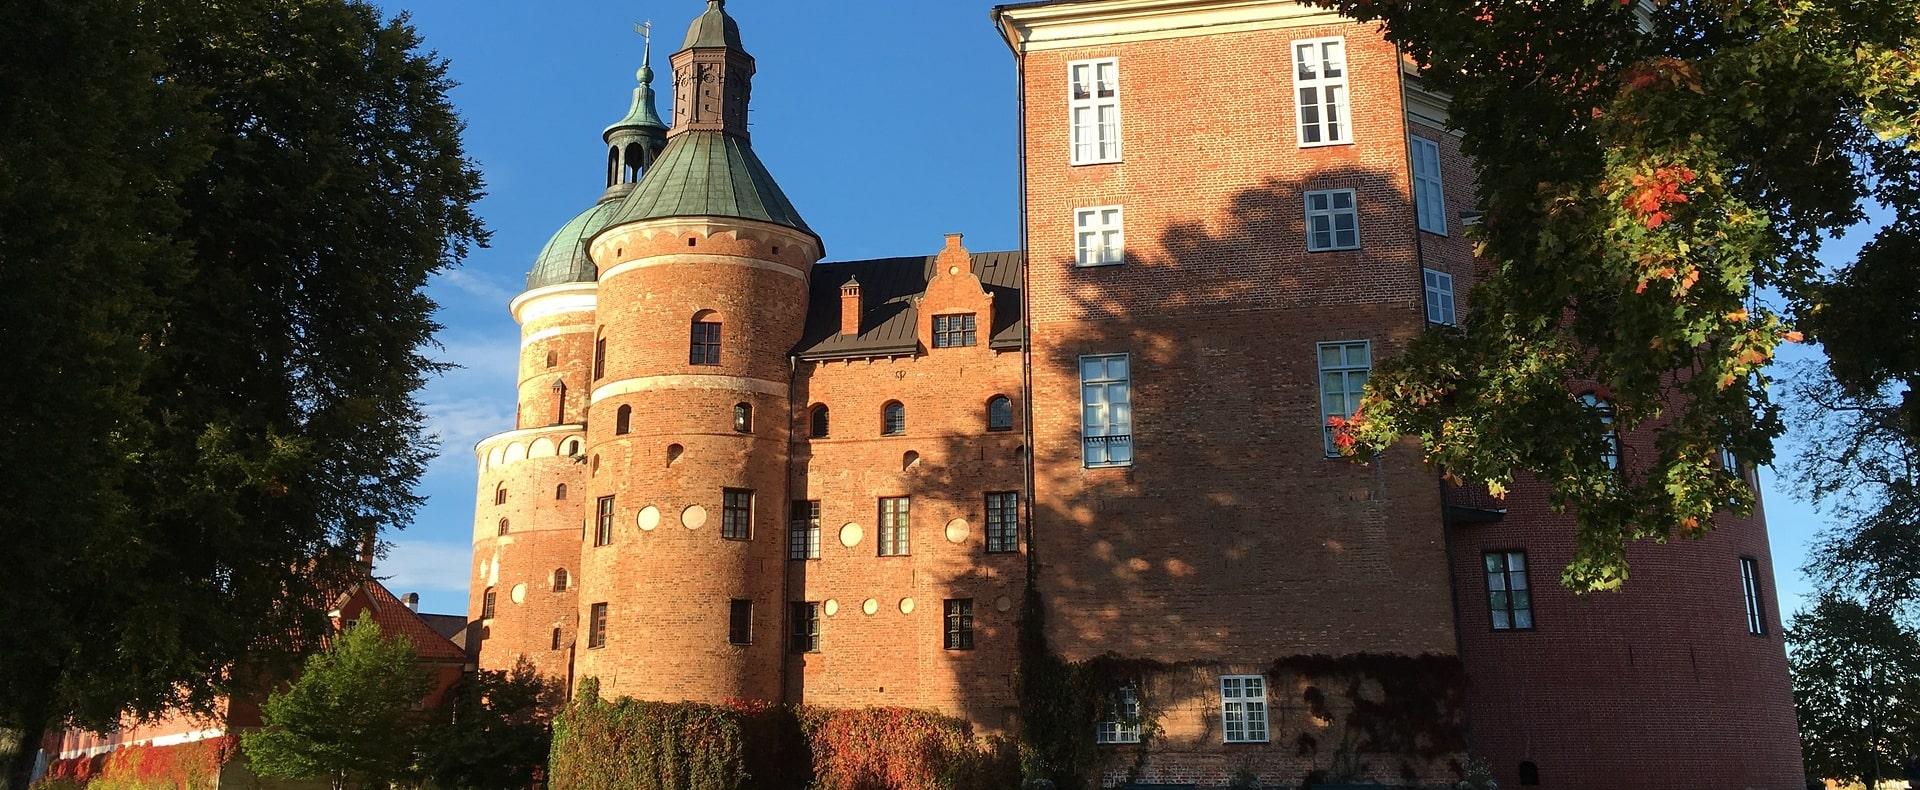 Mariefred & Gripsholm Castle, Sweden